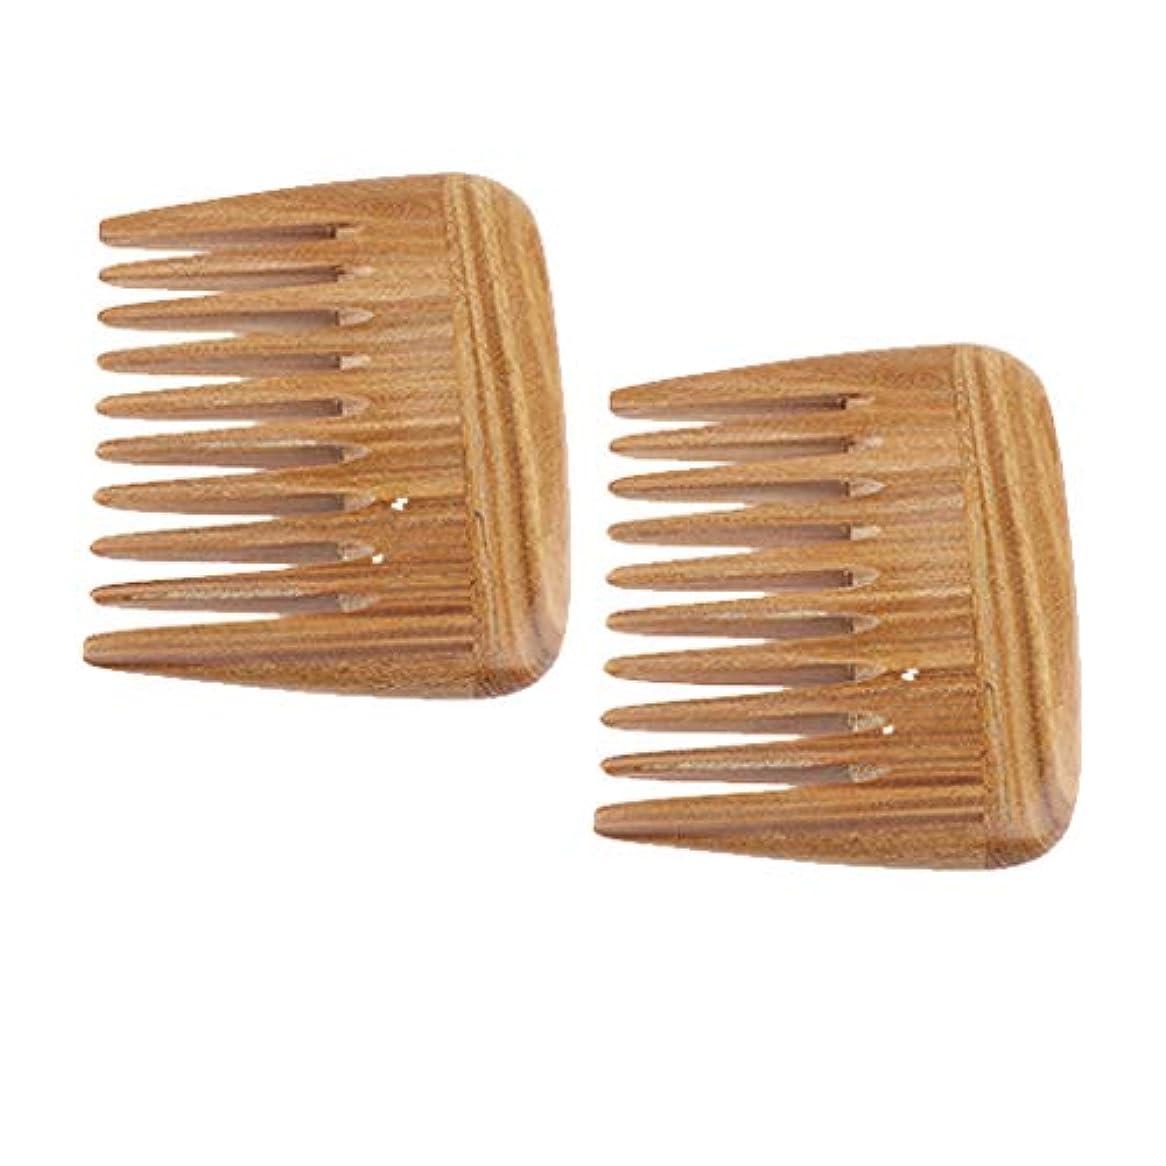 塩辛いパンサー商品レトロポケットブラシ 静電気 防止天然マッサージ広い歯 髪の櫛 2個入り